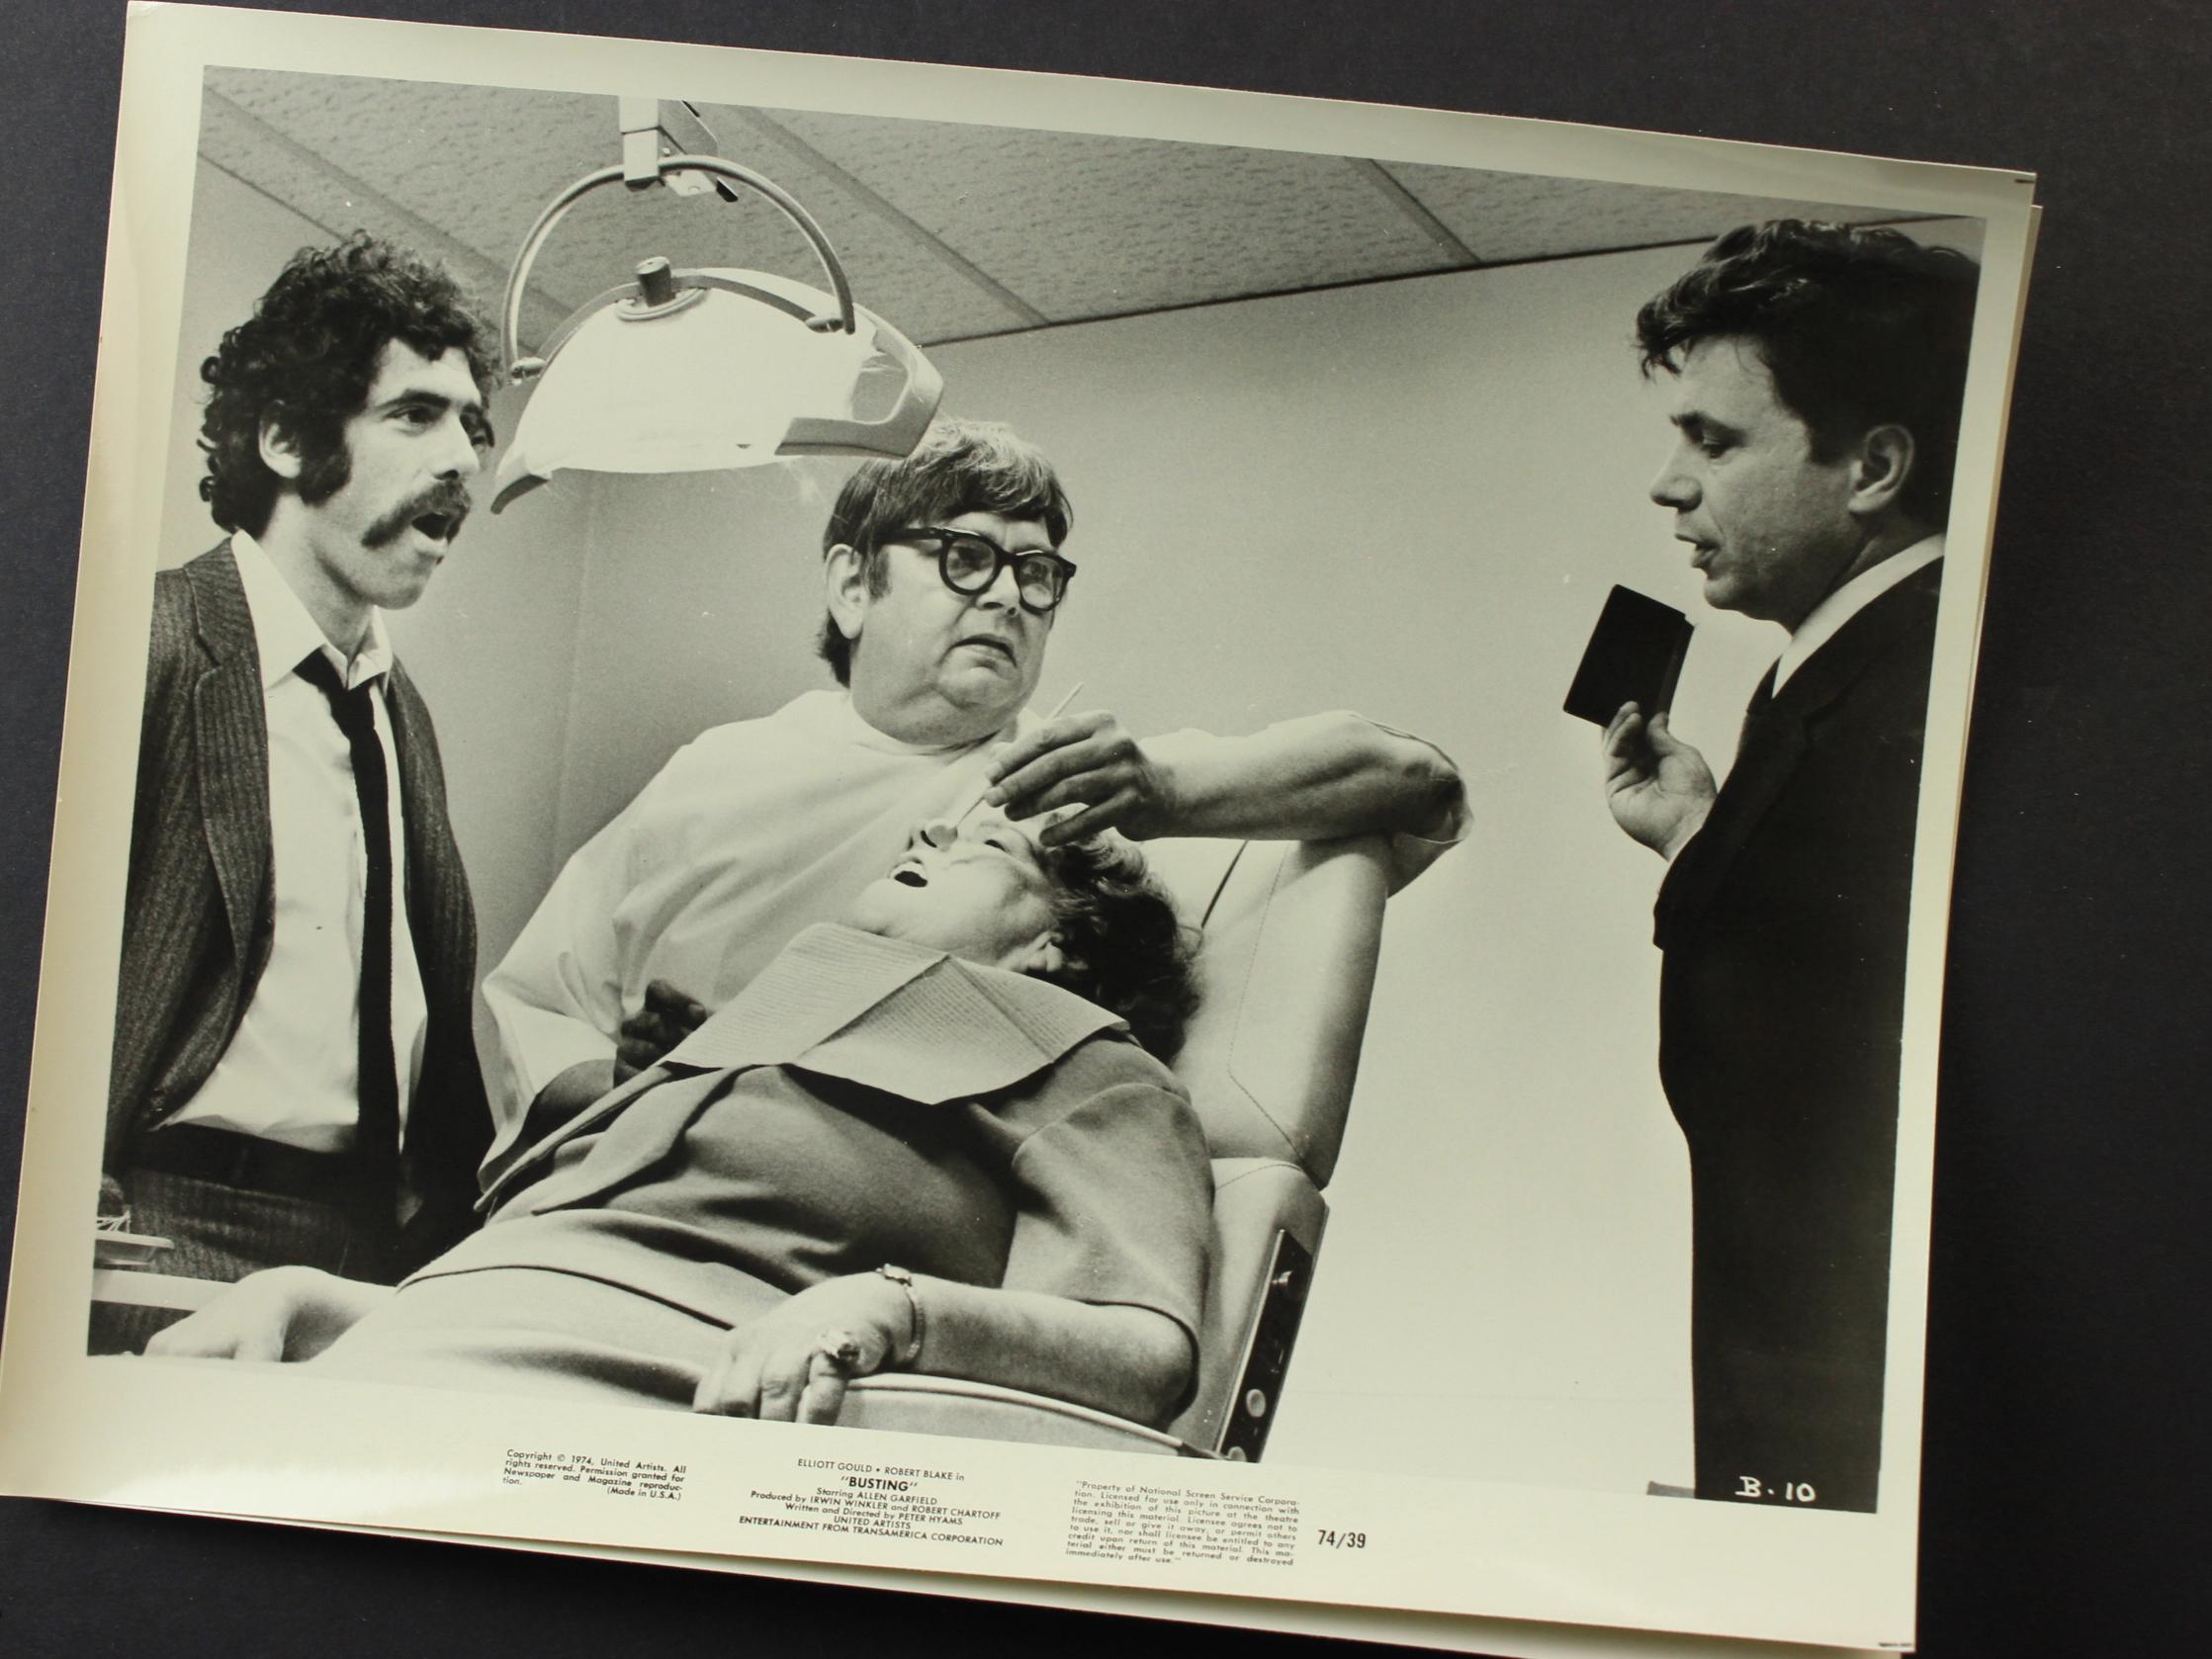 Elliott Gould, Robert Blake, and Logan Ramsey in Busting (1974)